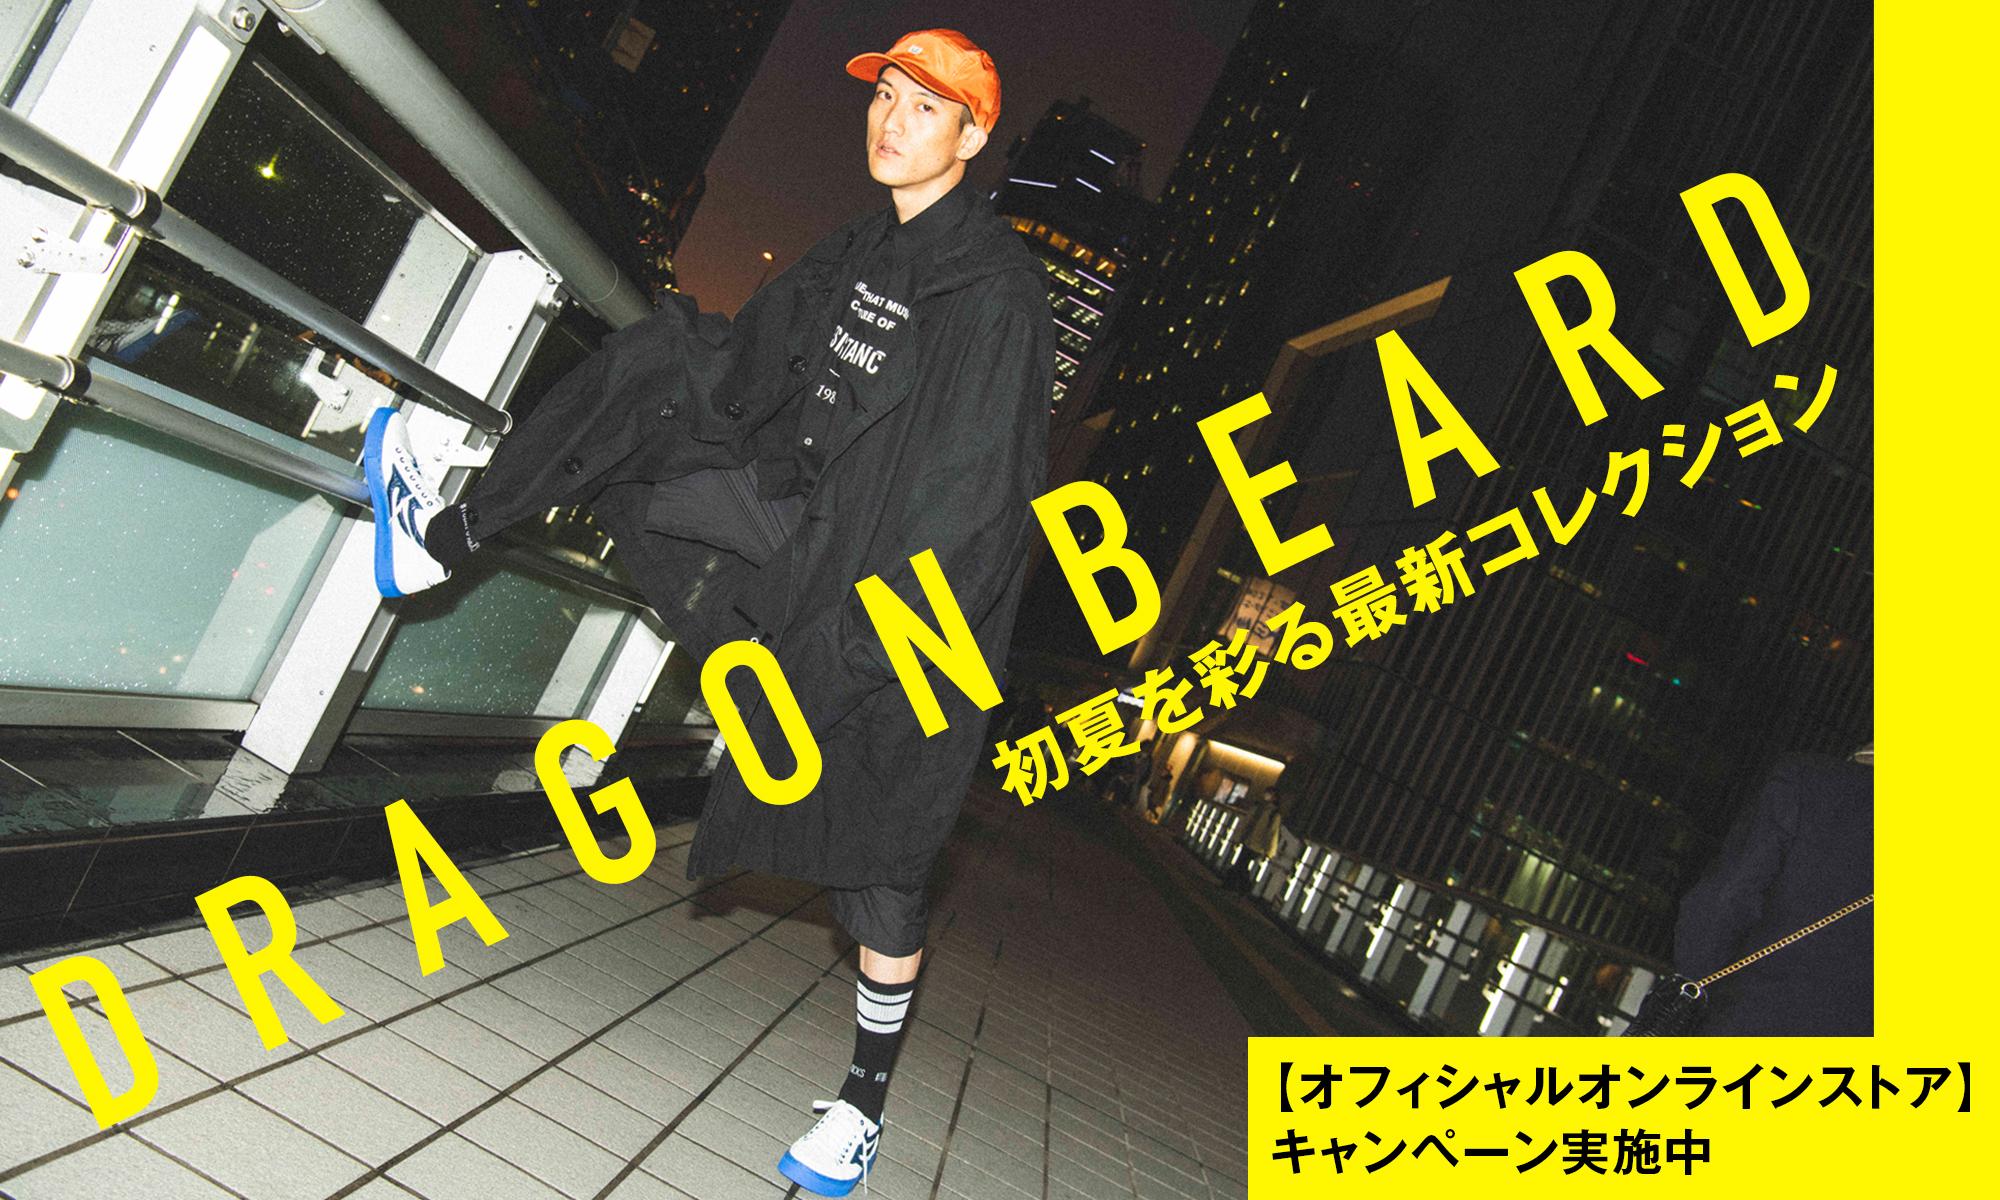 【オンラインストア限定キャンペーン&セール実施】日本発信を続けるスニーカーブランドの最新モデルが登場! DRAGON BEARD -SNEAKER-